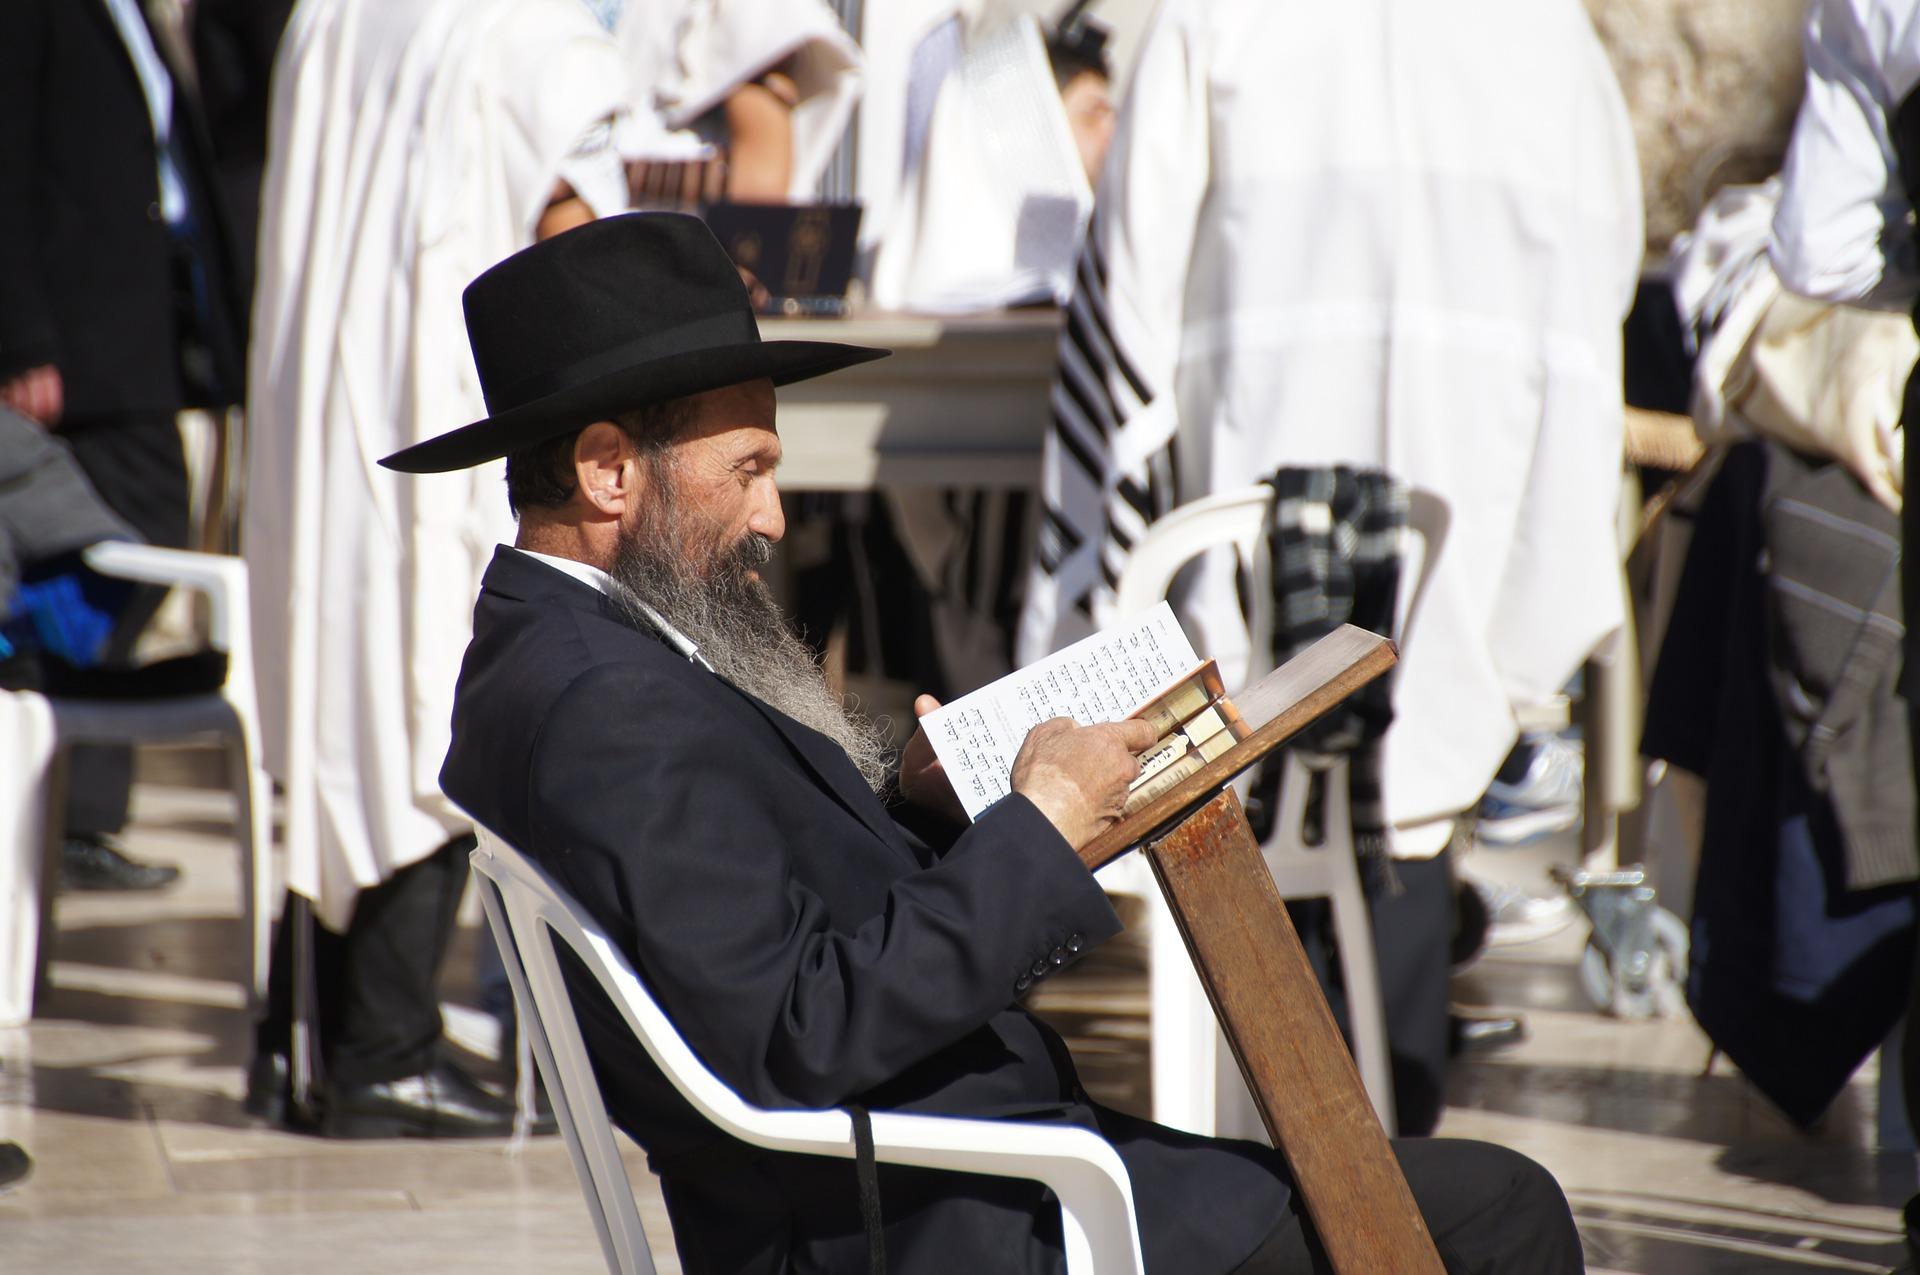 Israel-kurssi, 2-jakso: Jumala toimii kansojen keskellä 25.–26.1.2020 - Israelin itsenäisyys, aika sen jälkeen ja nykypäivä. Itsenäisyystaistelut, 6 päivän sota. Paluumuutto eli Alija. Mitä on juutalaisuus ja sen merkitys. Juutalaiset eri maissa. Palestiinan historia ja nykytilanne.